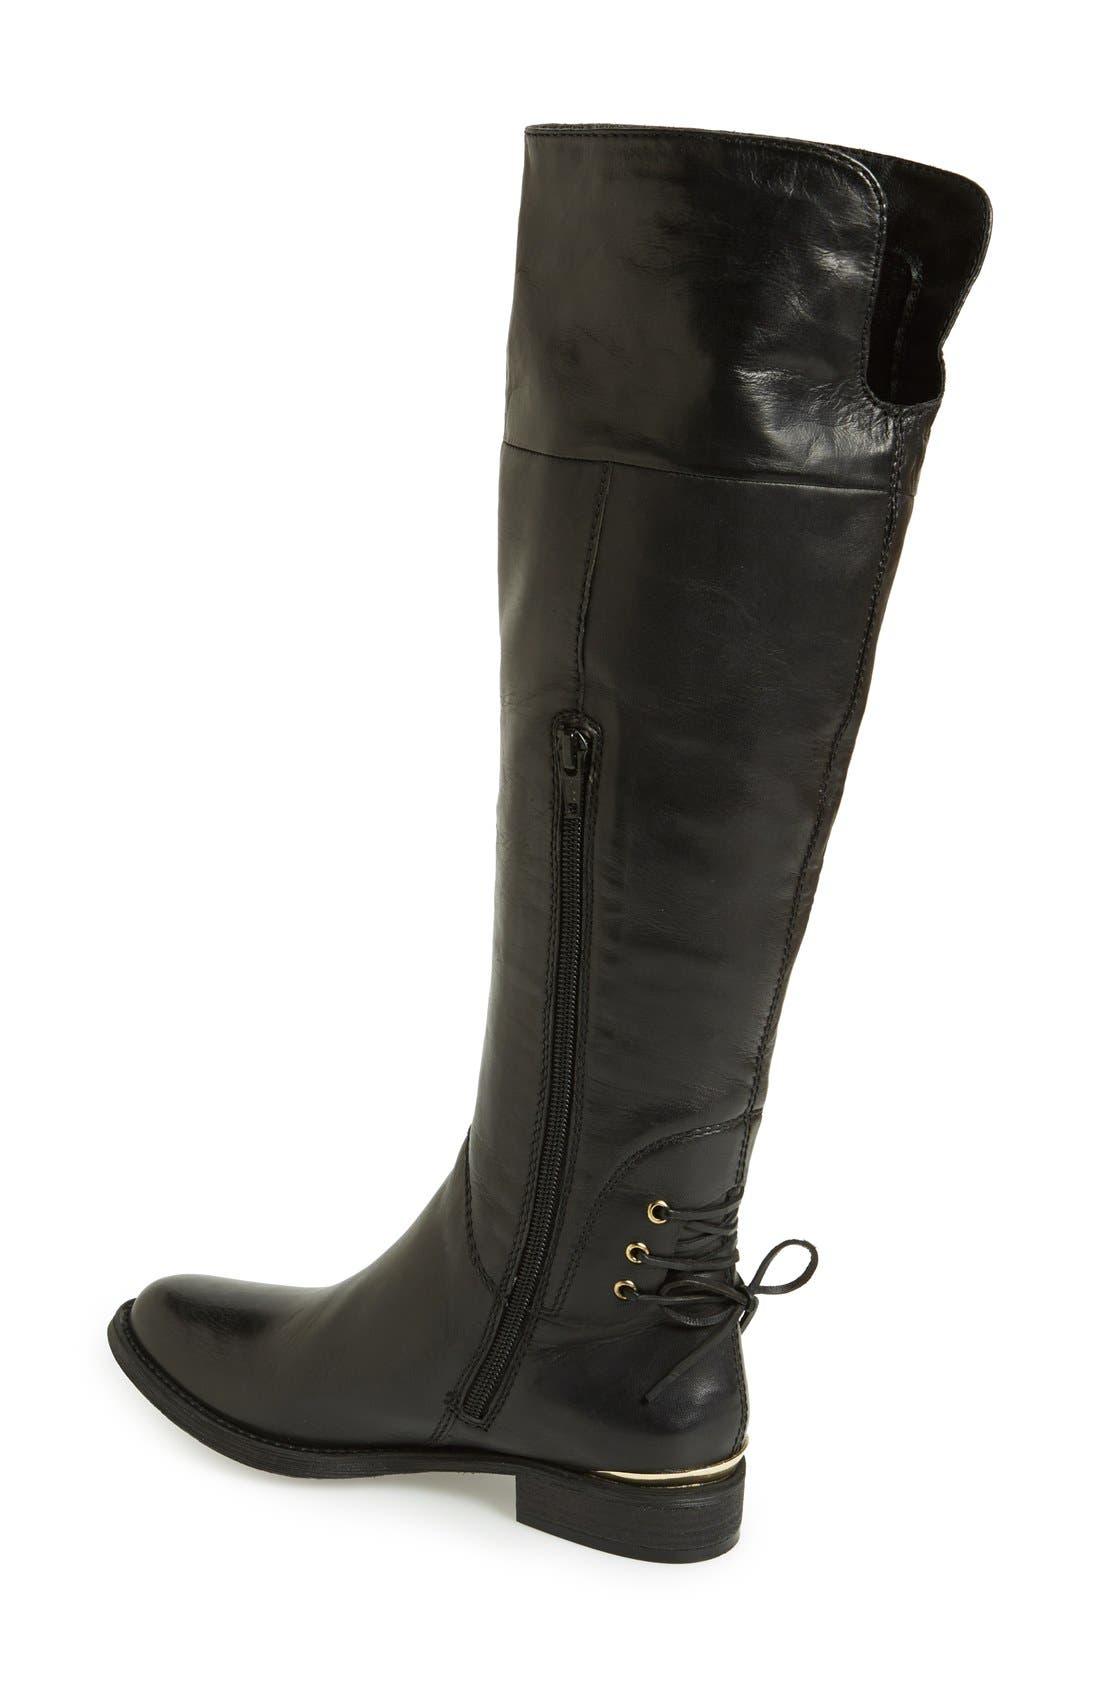 Alternate Image 2  - Steve Madden 'Nerves' Over the Knee Leather Boot (Women)